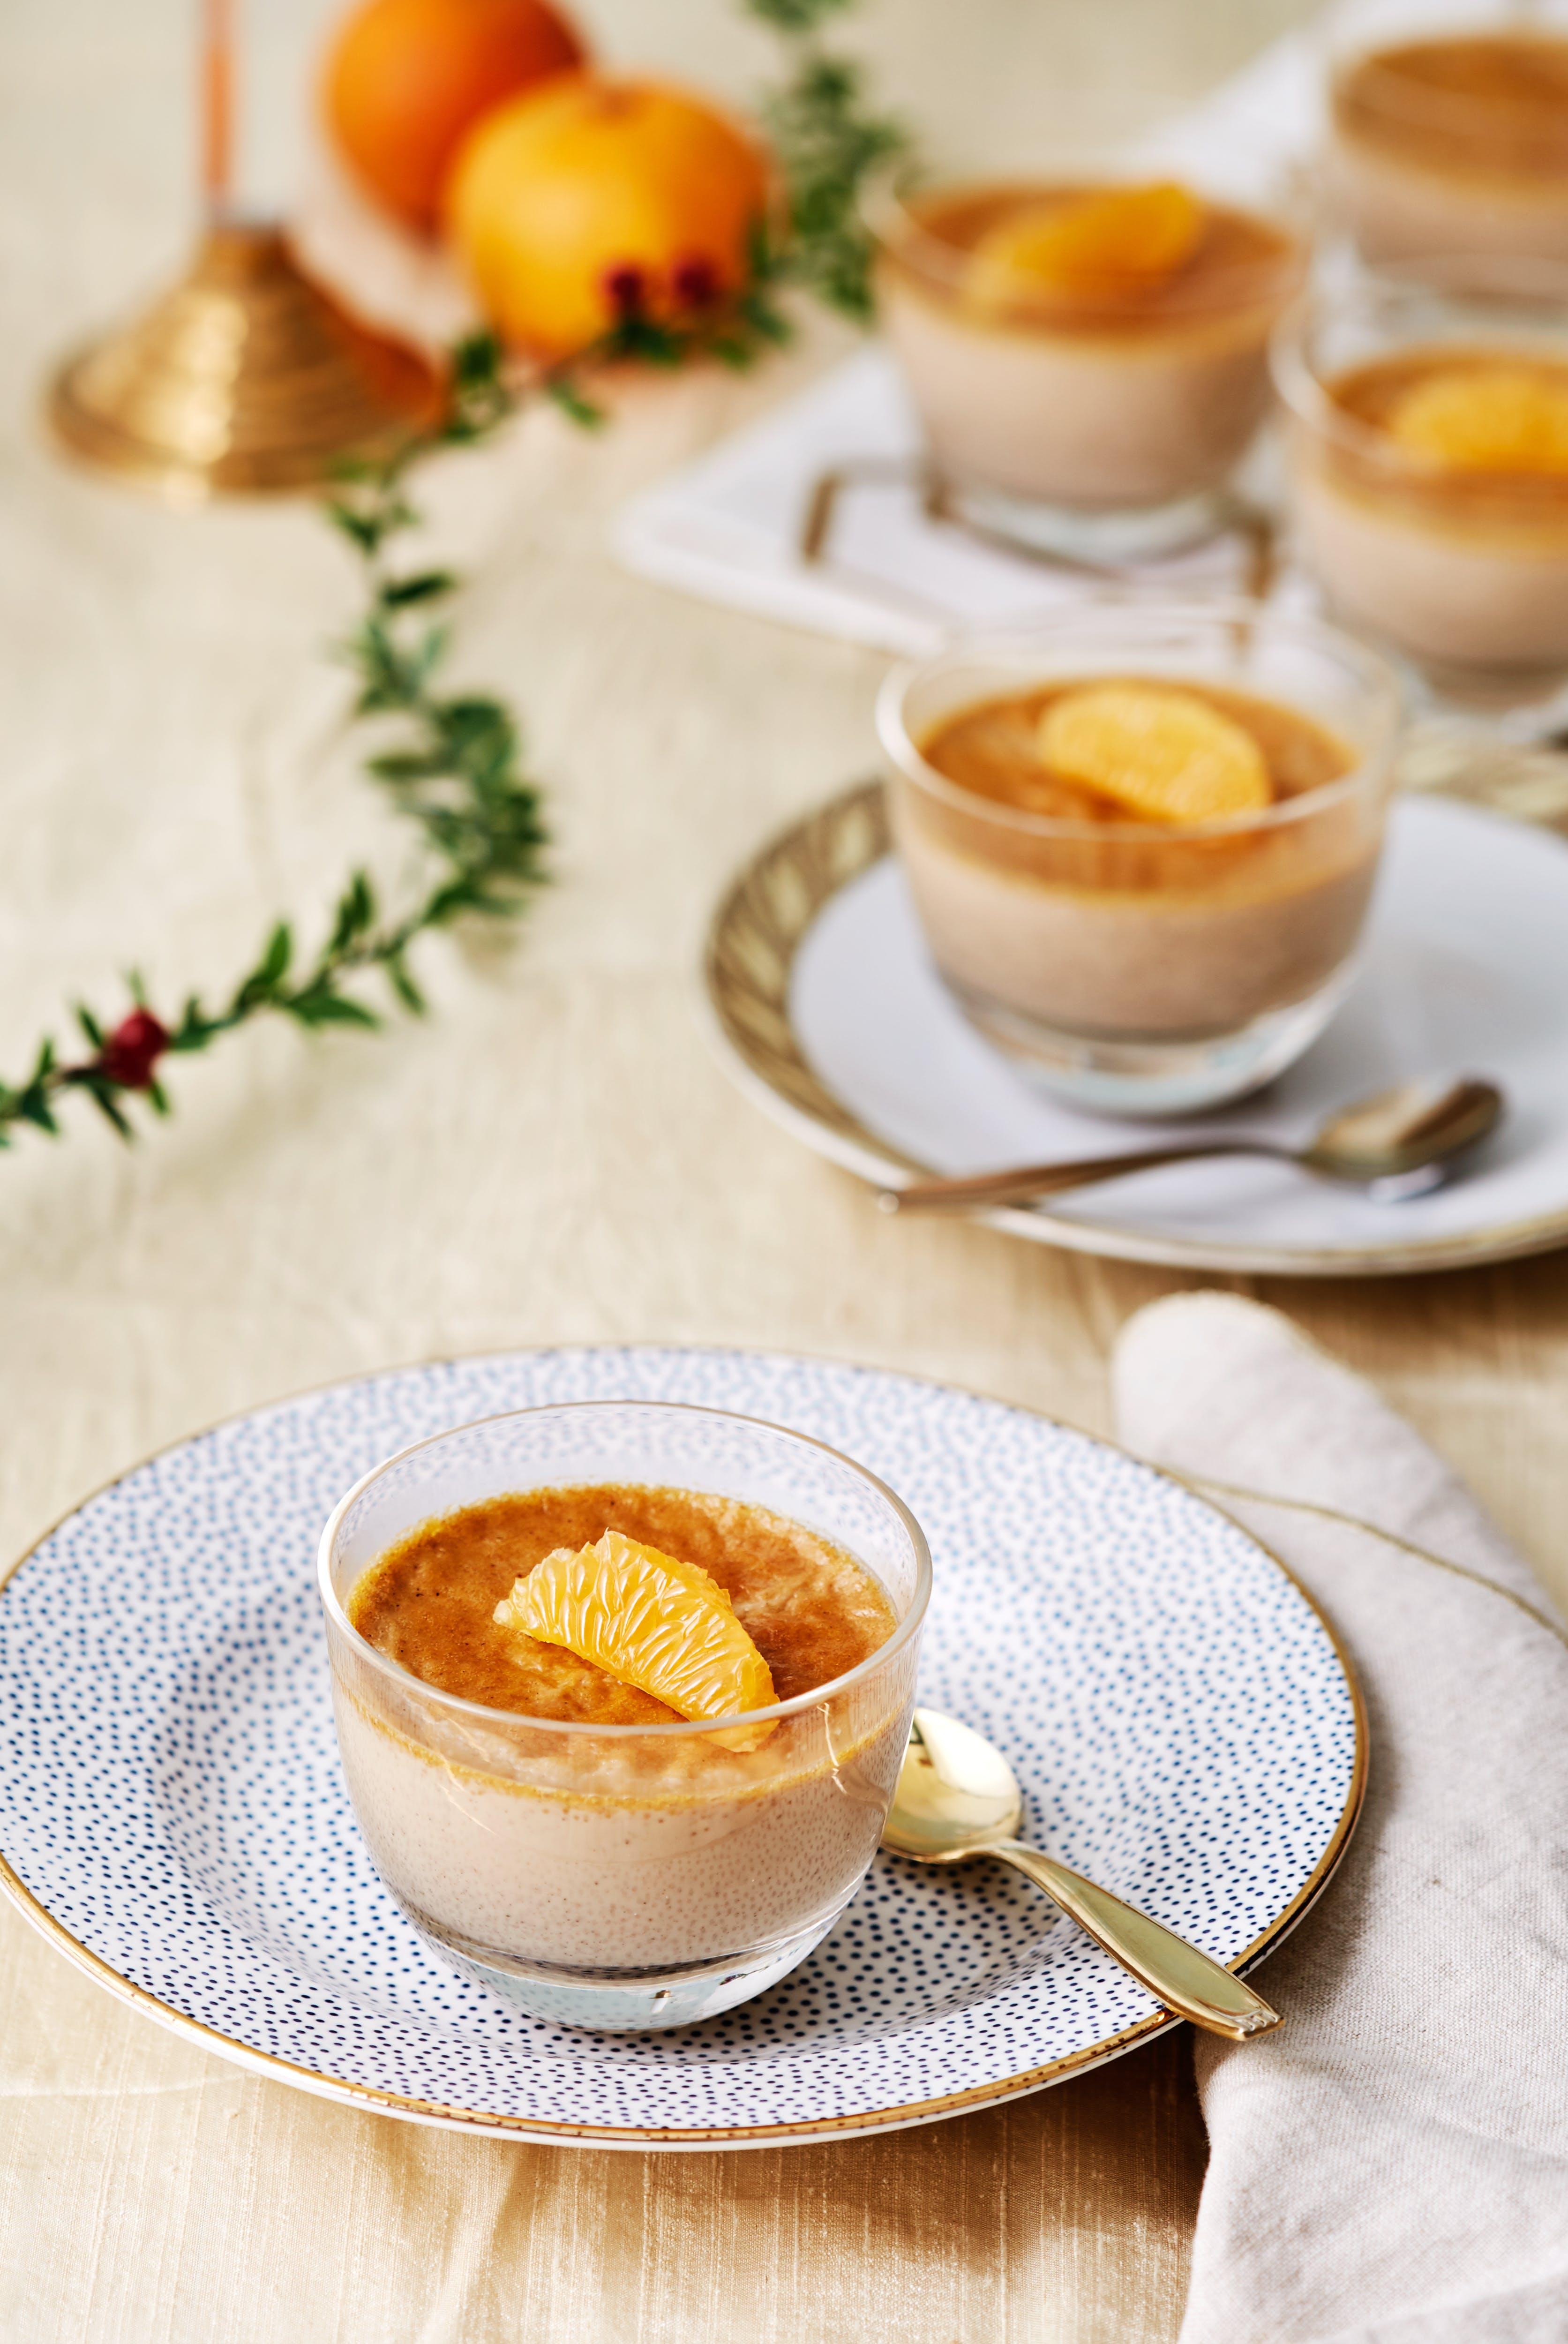 Crème brûlée de pan de jengibre